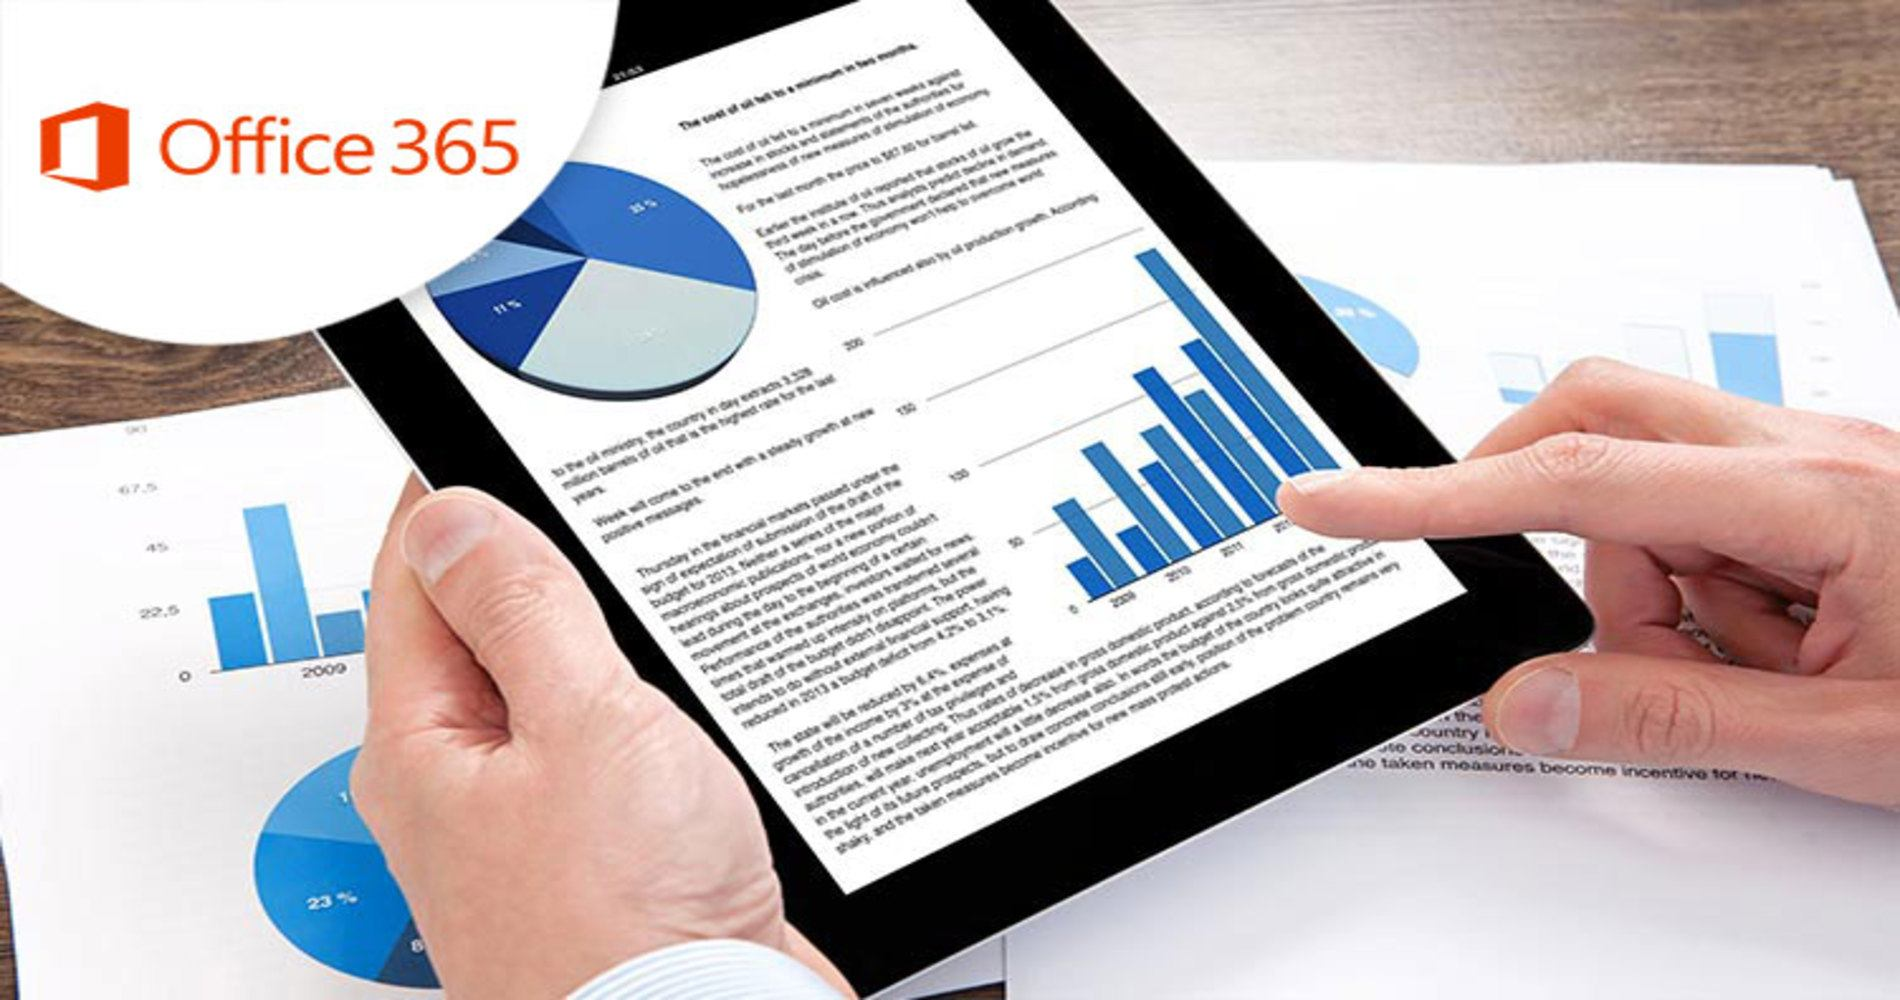 20778a Analyzing Data with Power BI - Main